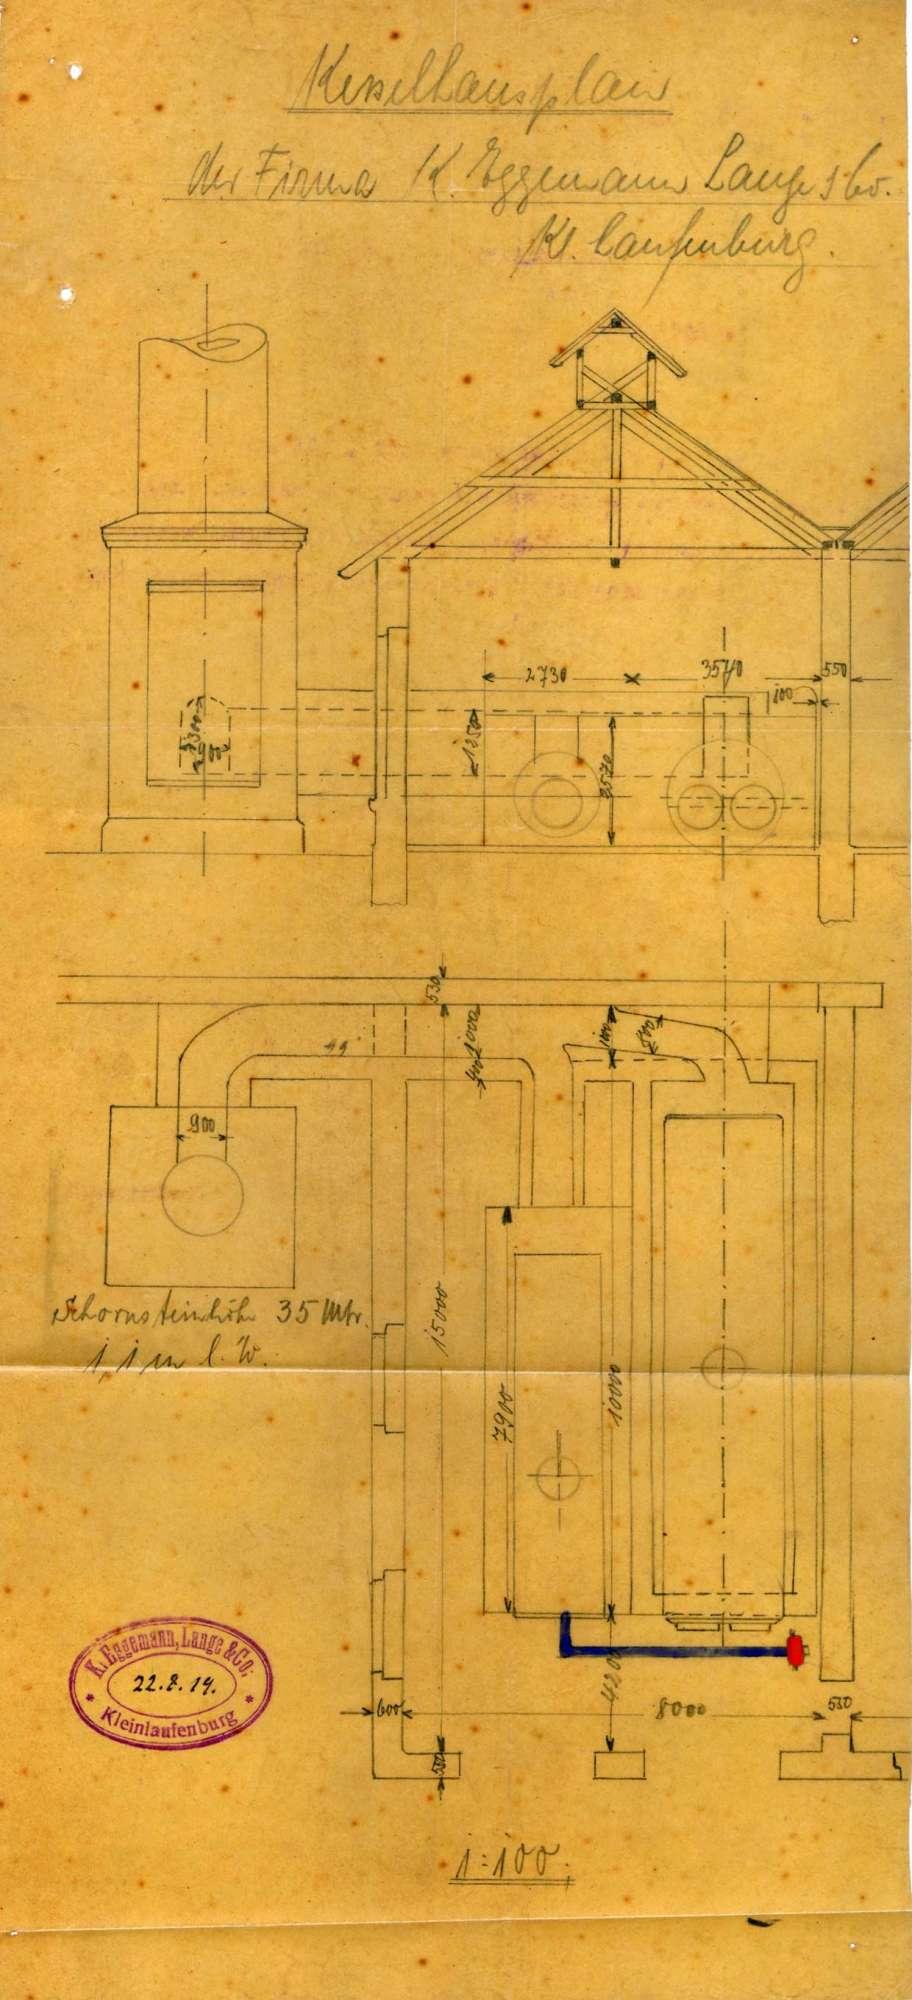 Dampfkessel der Firma Eggemann, Lange & Co. in Kleinlaufenburg, Bild 1